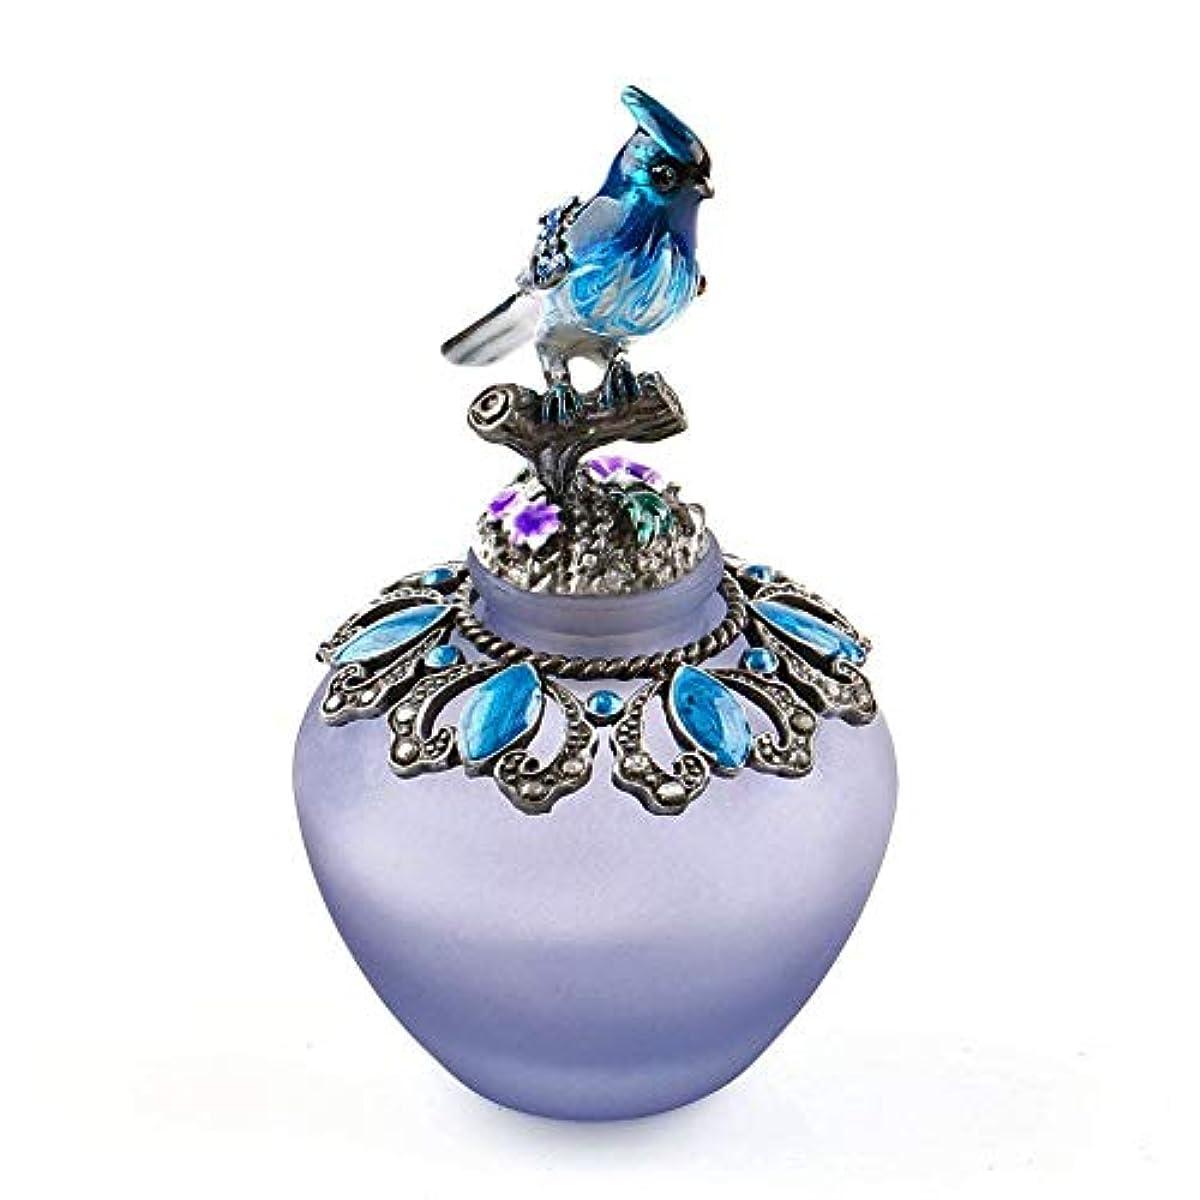 環境スチールフィドルEasyRaku 高品質 美しい香水瓶 鳥40ML ガラスアロマボトル 綺麗アンティーク調欧風デザイン クリスマスプレゼント 結婚式 飾り